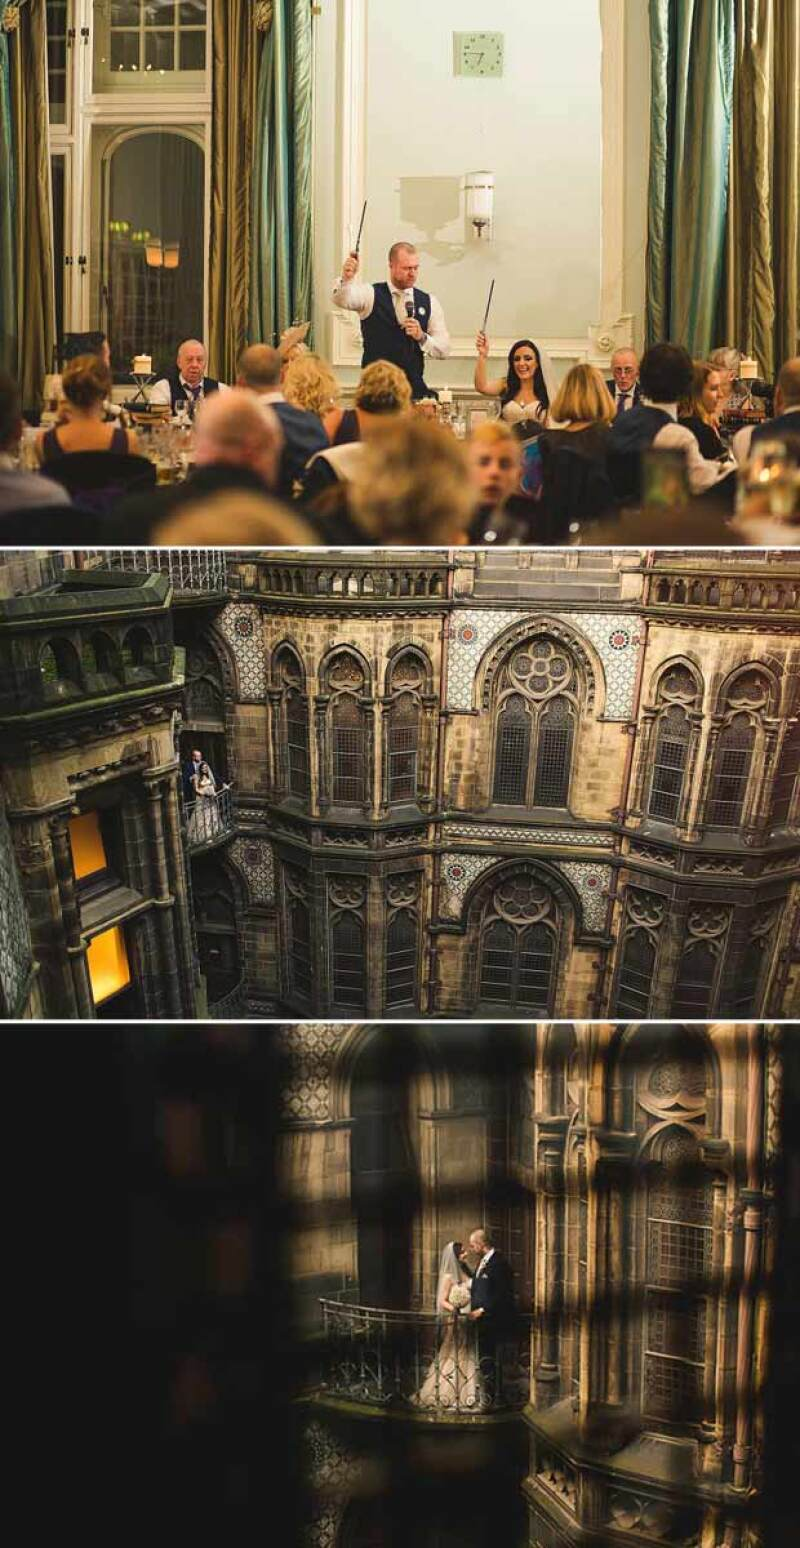 La boda se llevó a cabo en el Hotel Manchester Town Hall